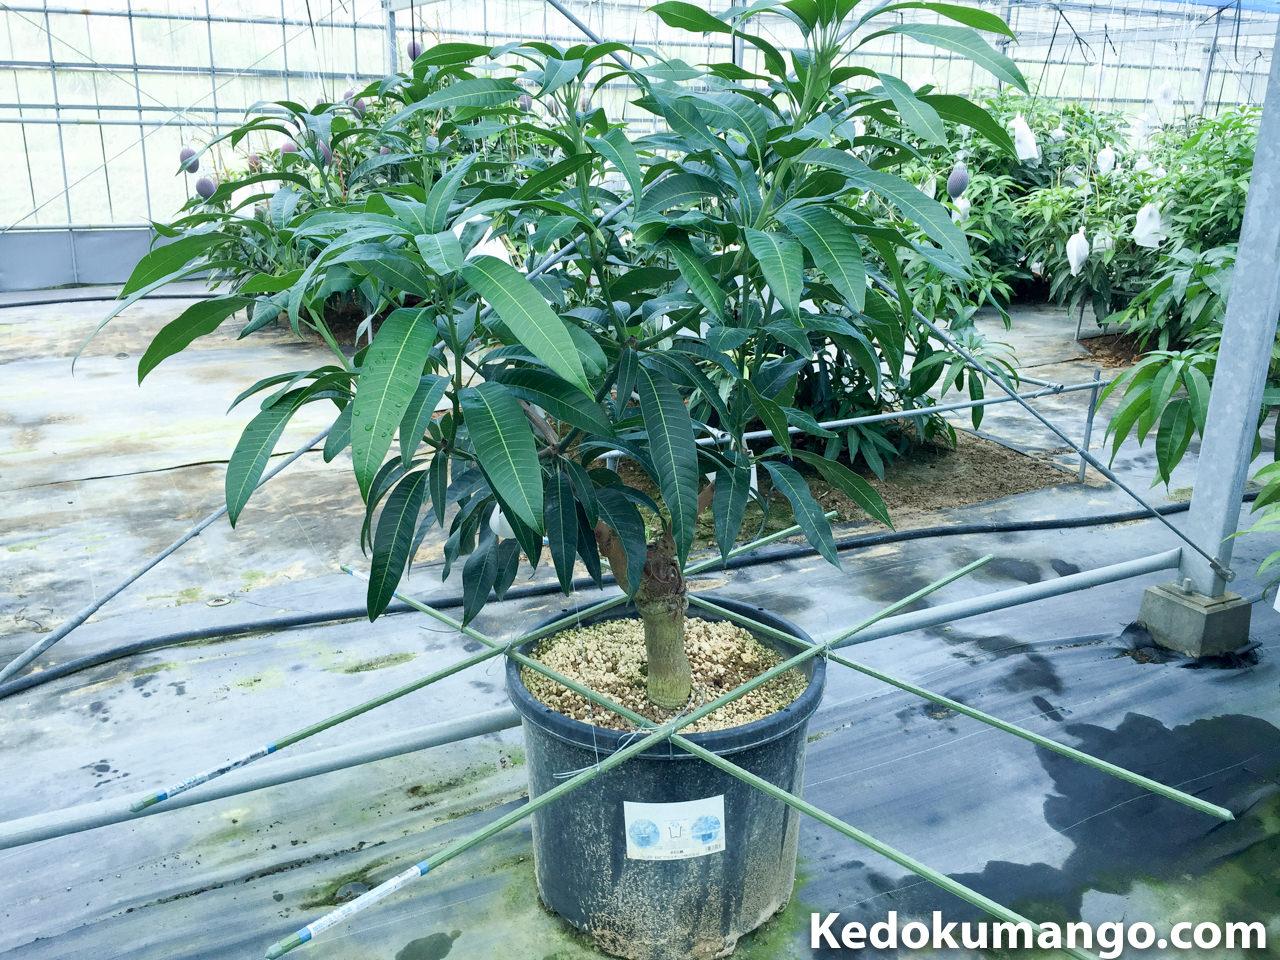 マンゴー幼木の硬い枝を曲げる時のコツ